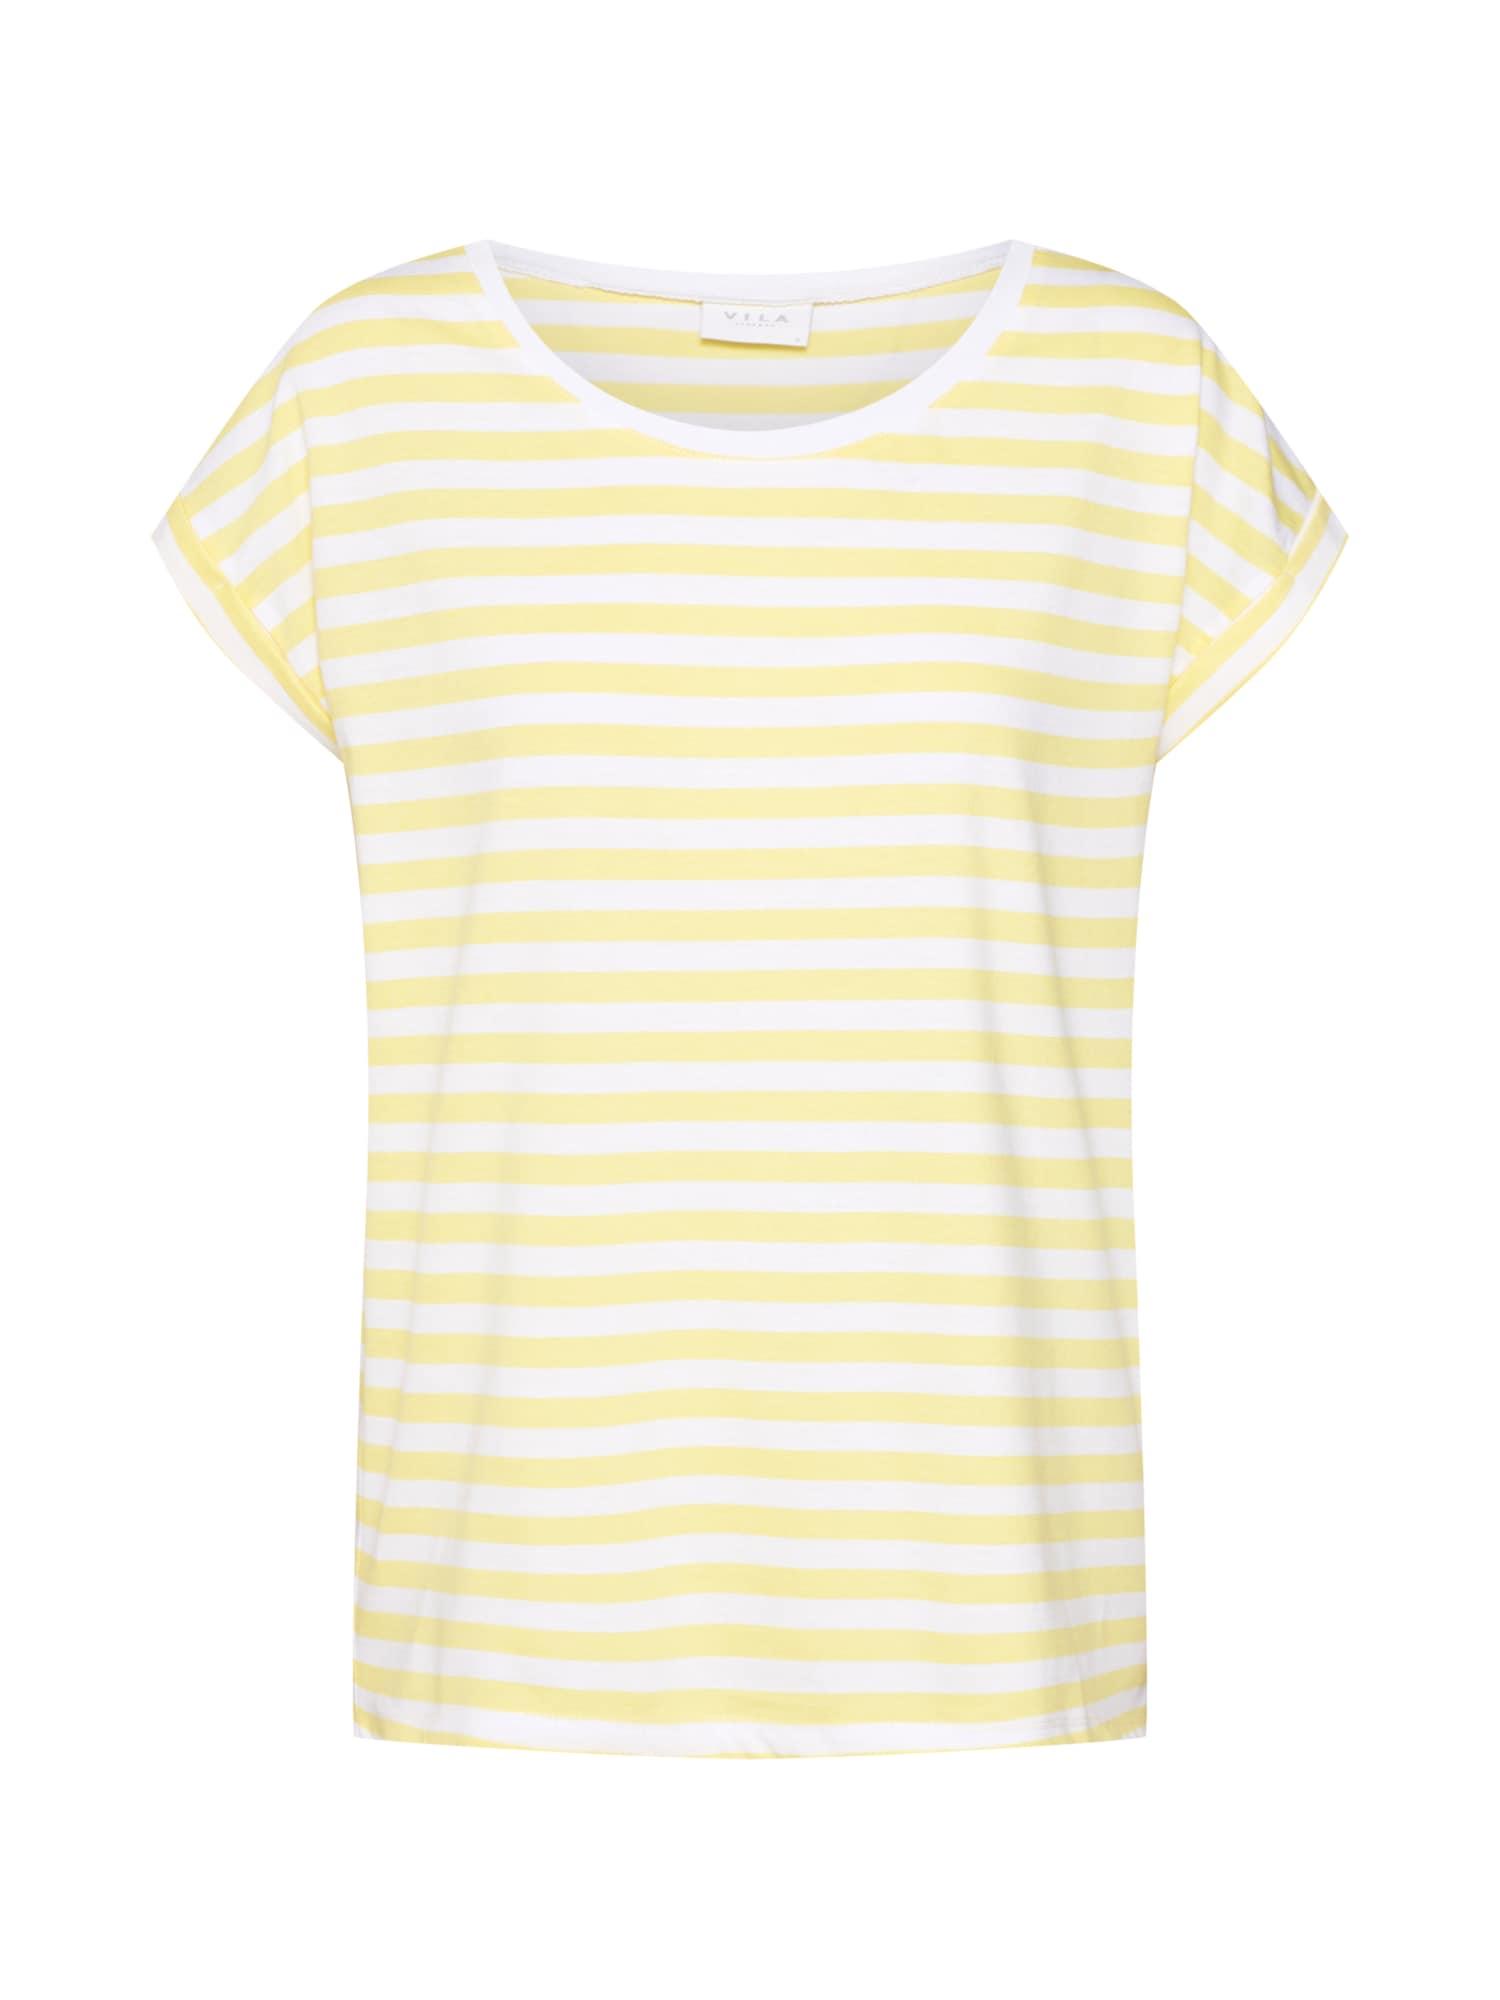 Tričko Dreamers žlutá bílá VILA